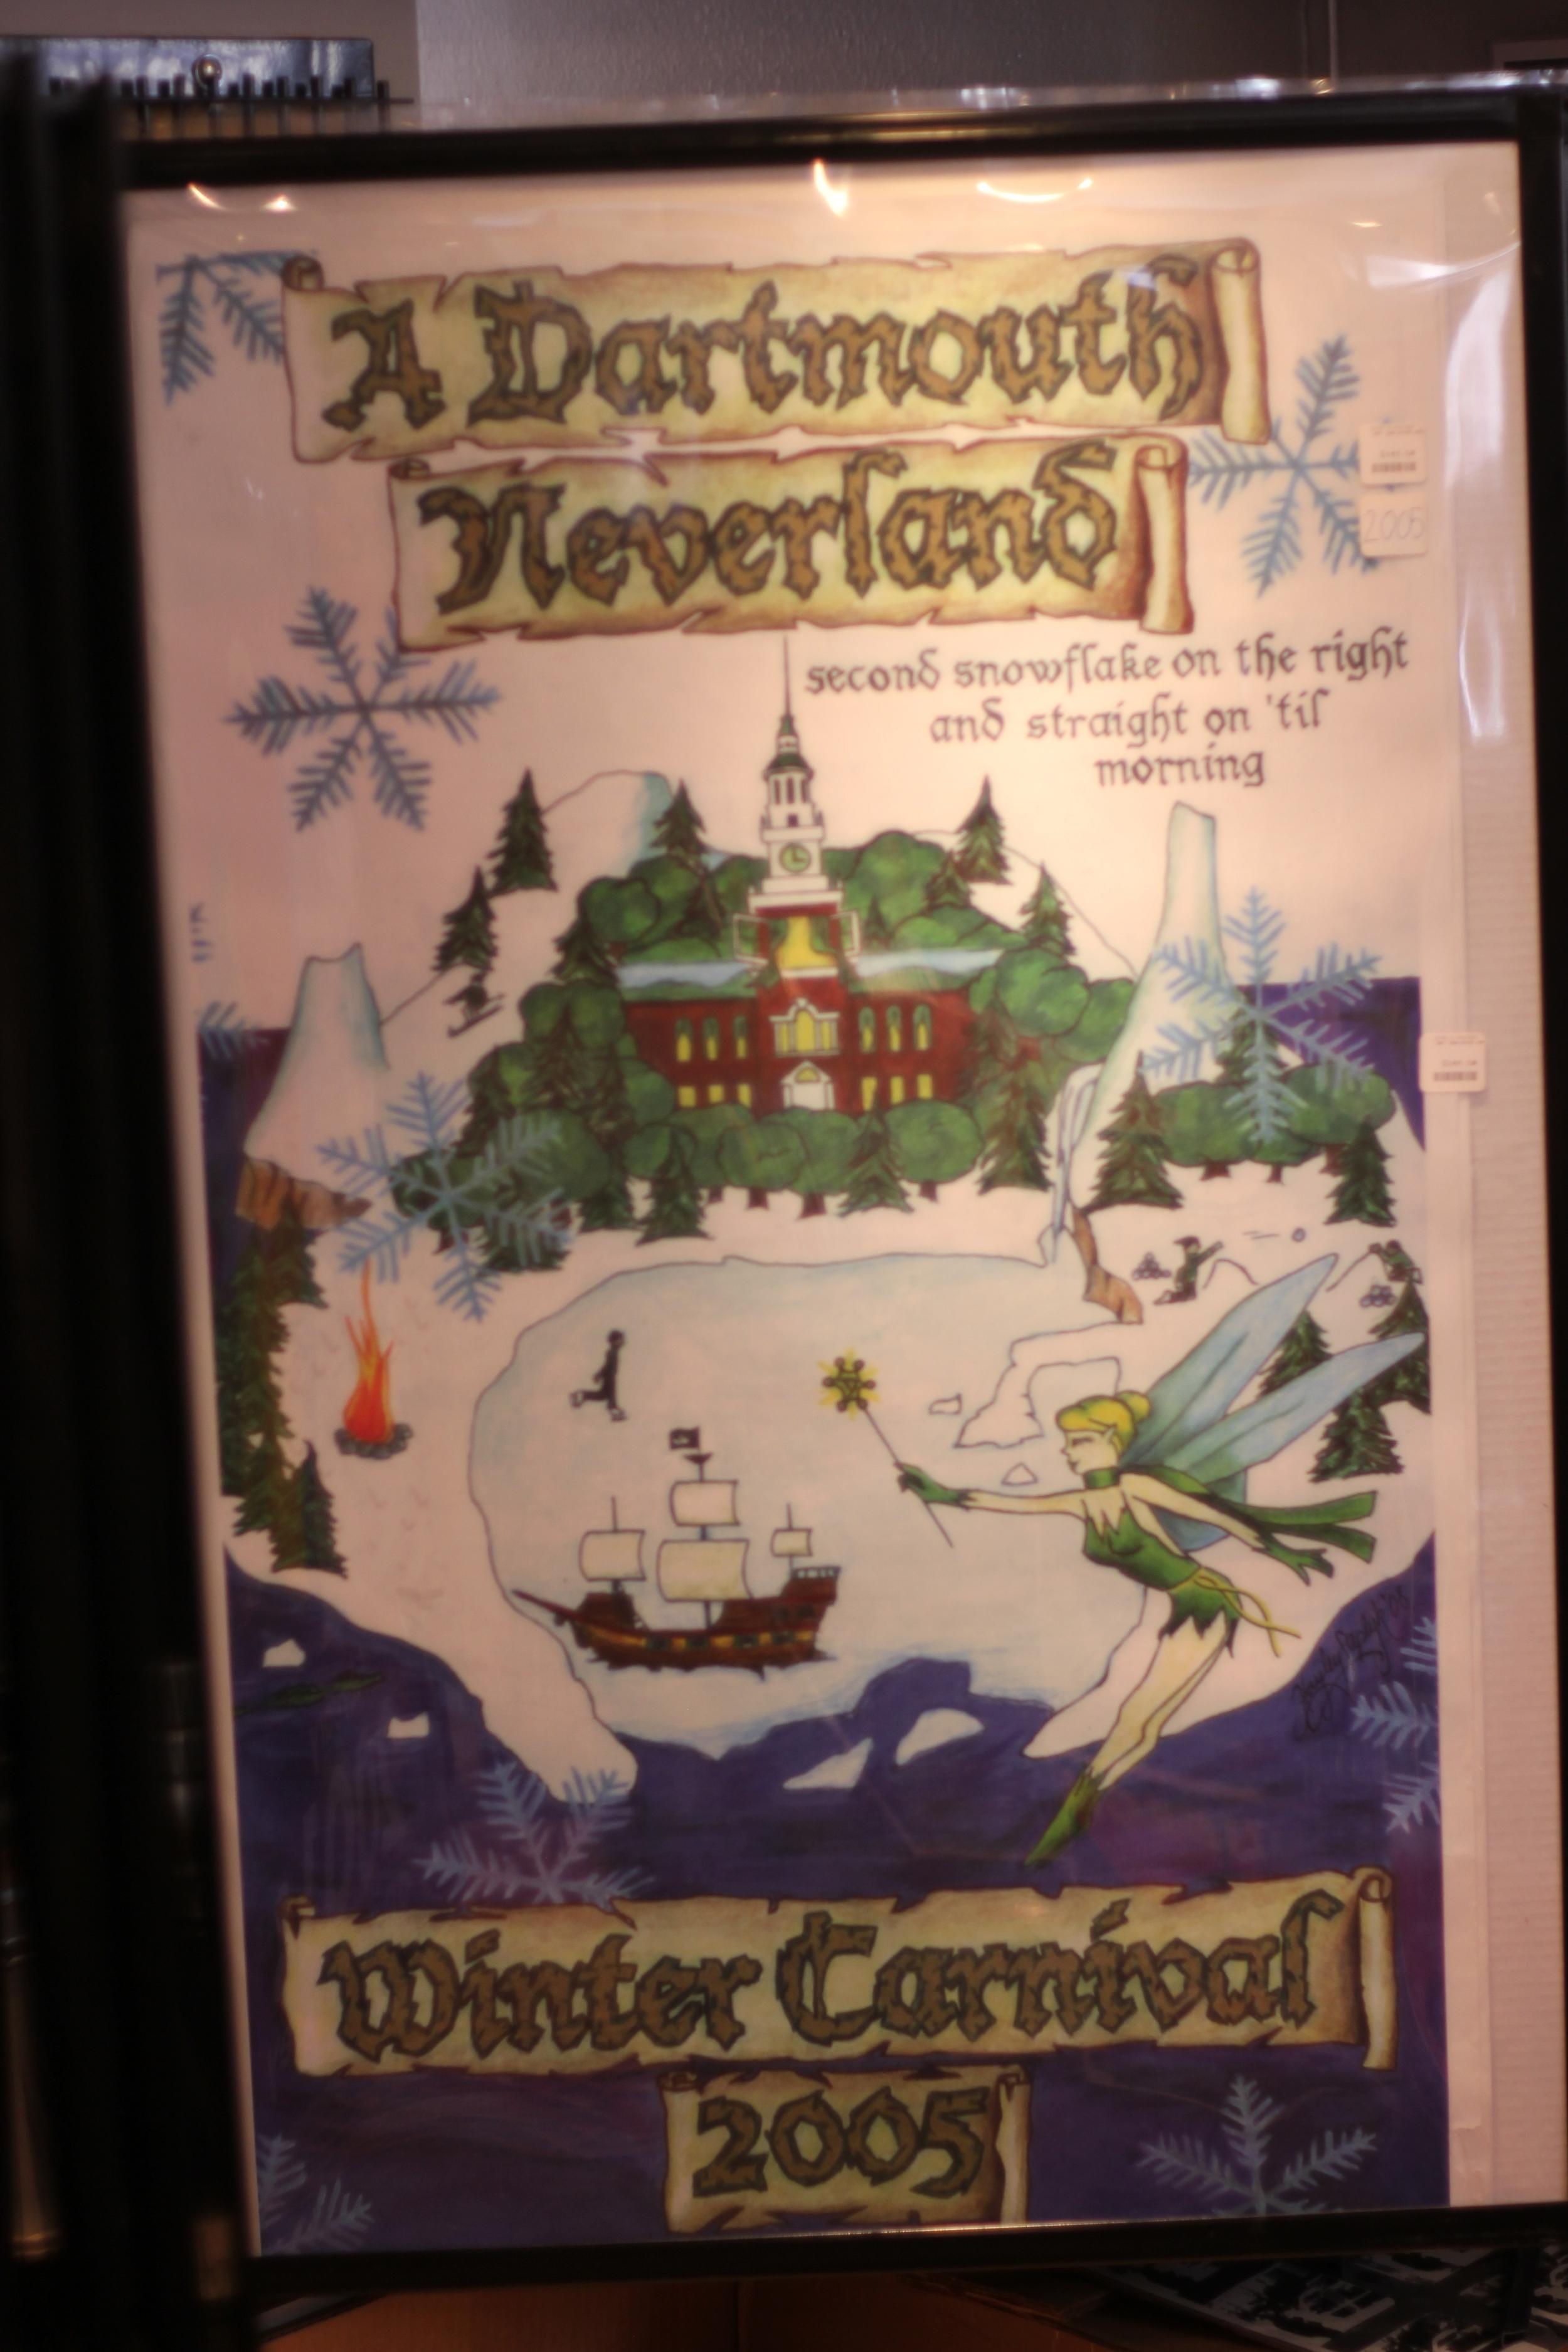 Dartmouth Winter Carnival 2005